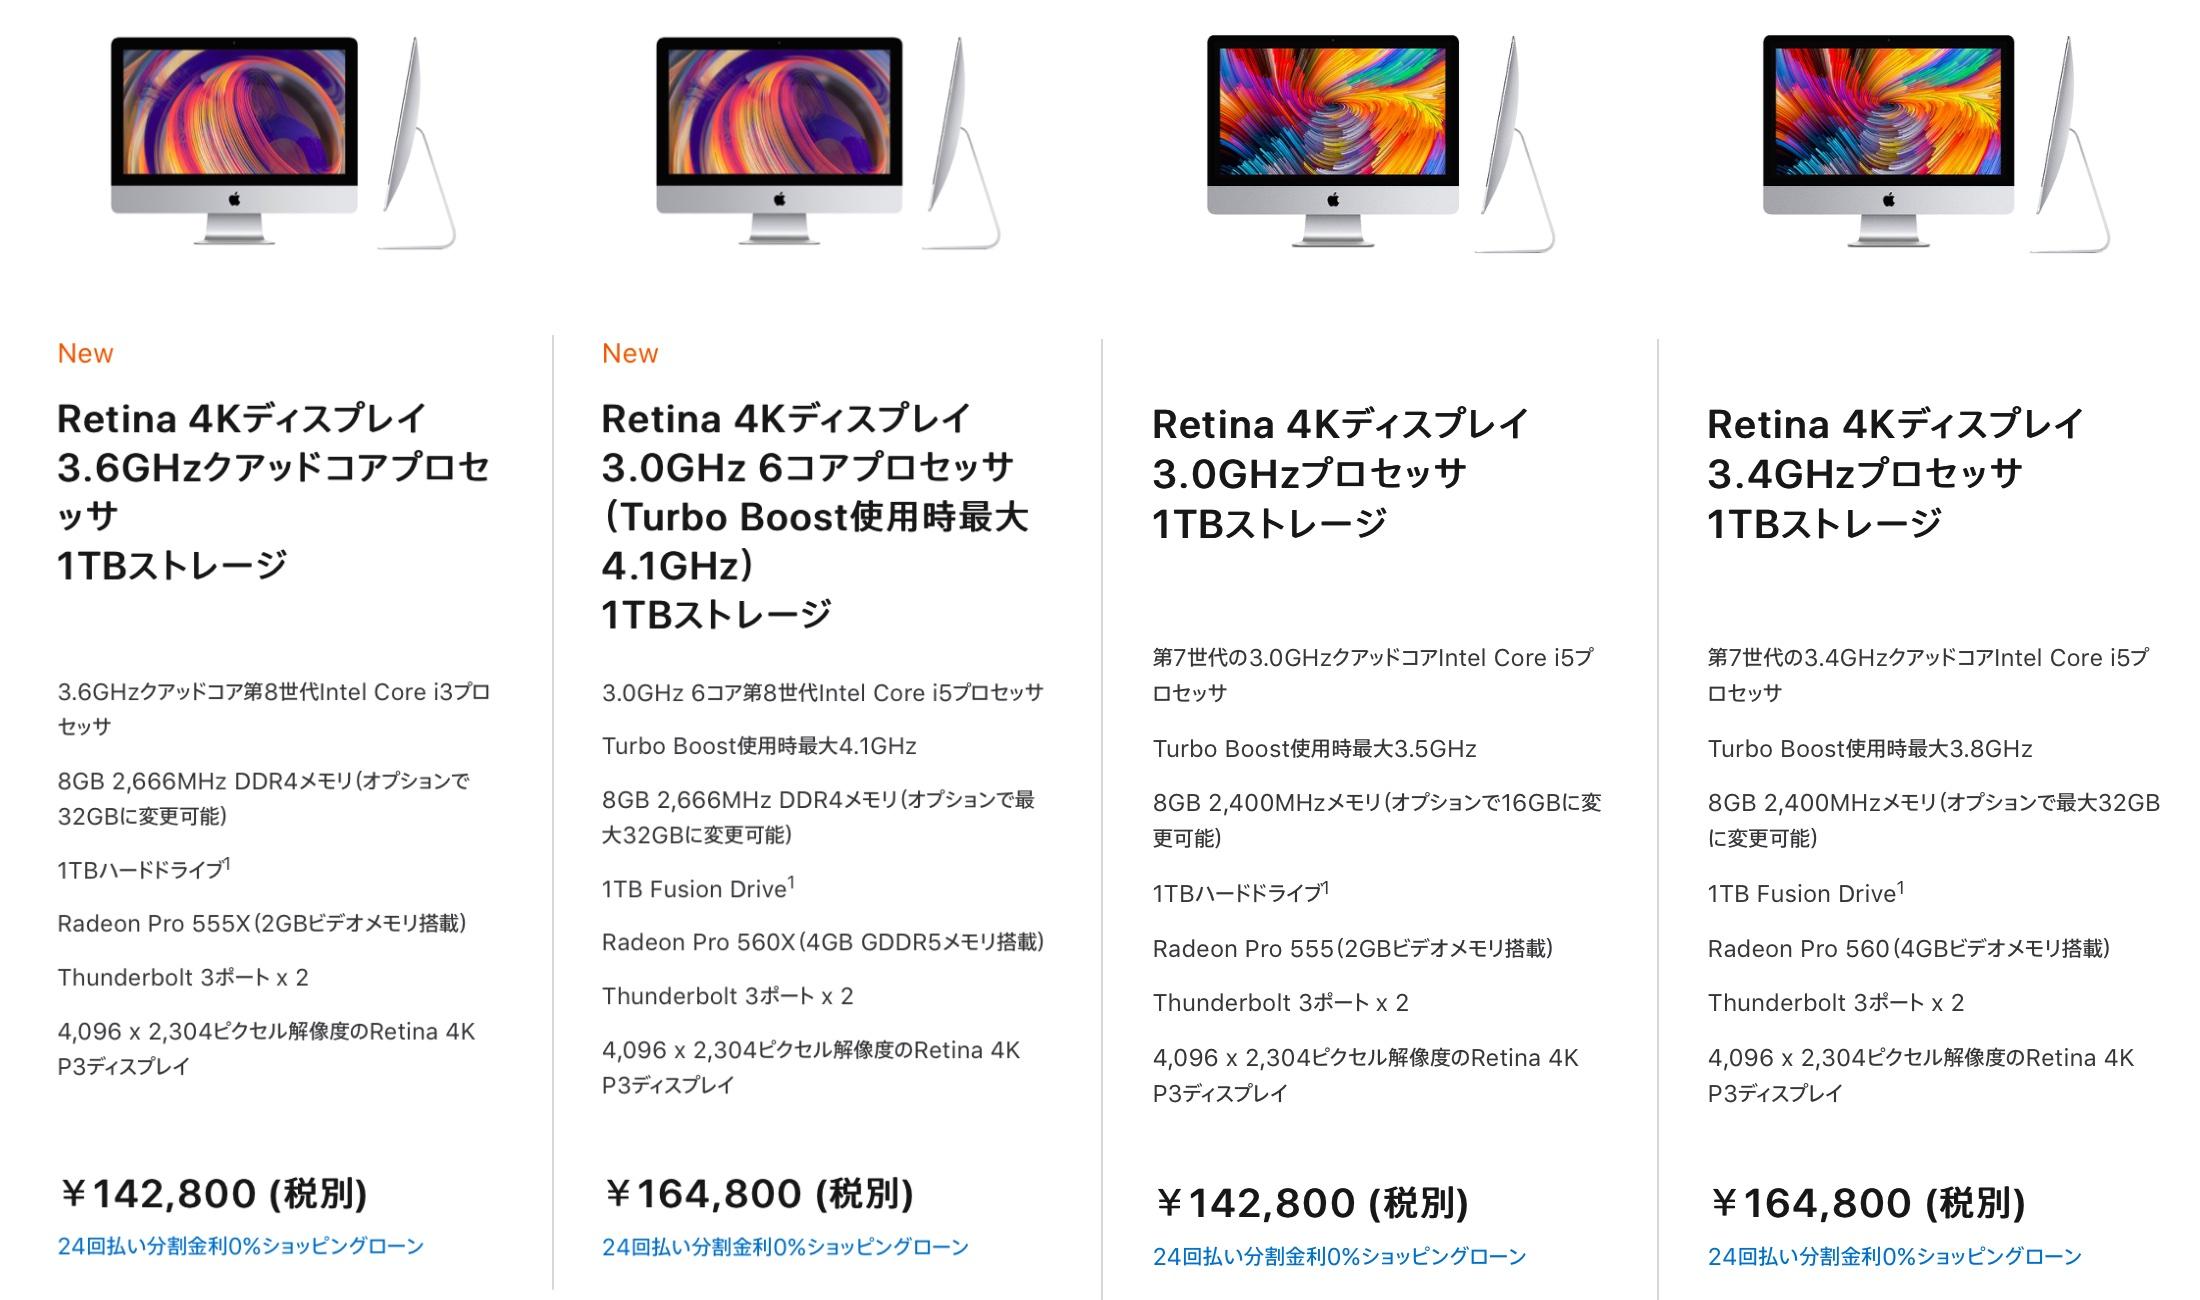 iMac (Retina 4K, 21.5インチ, 2019)